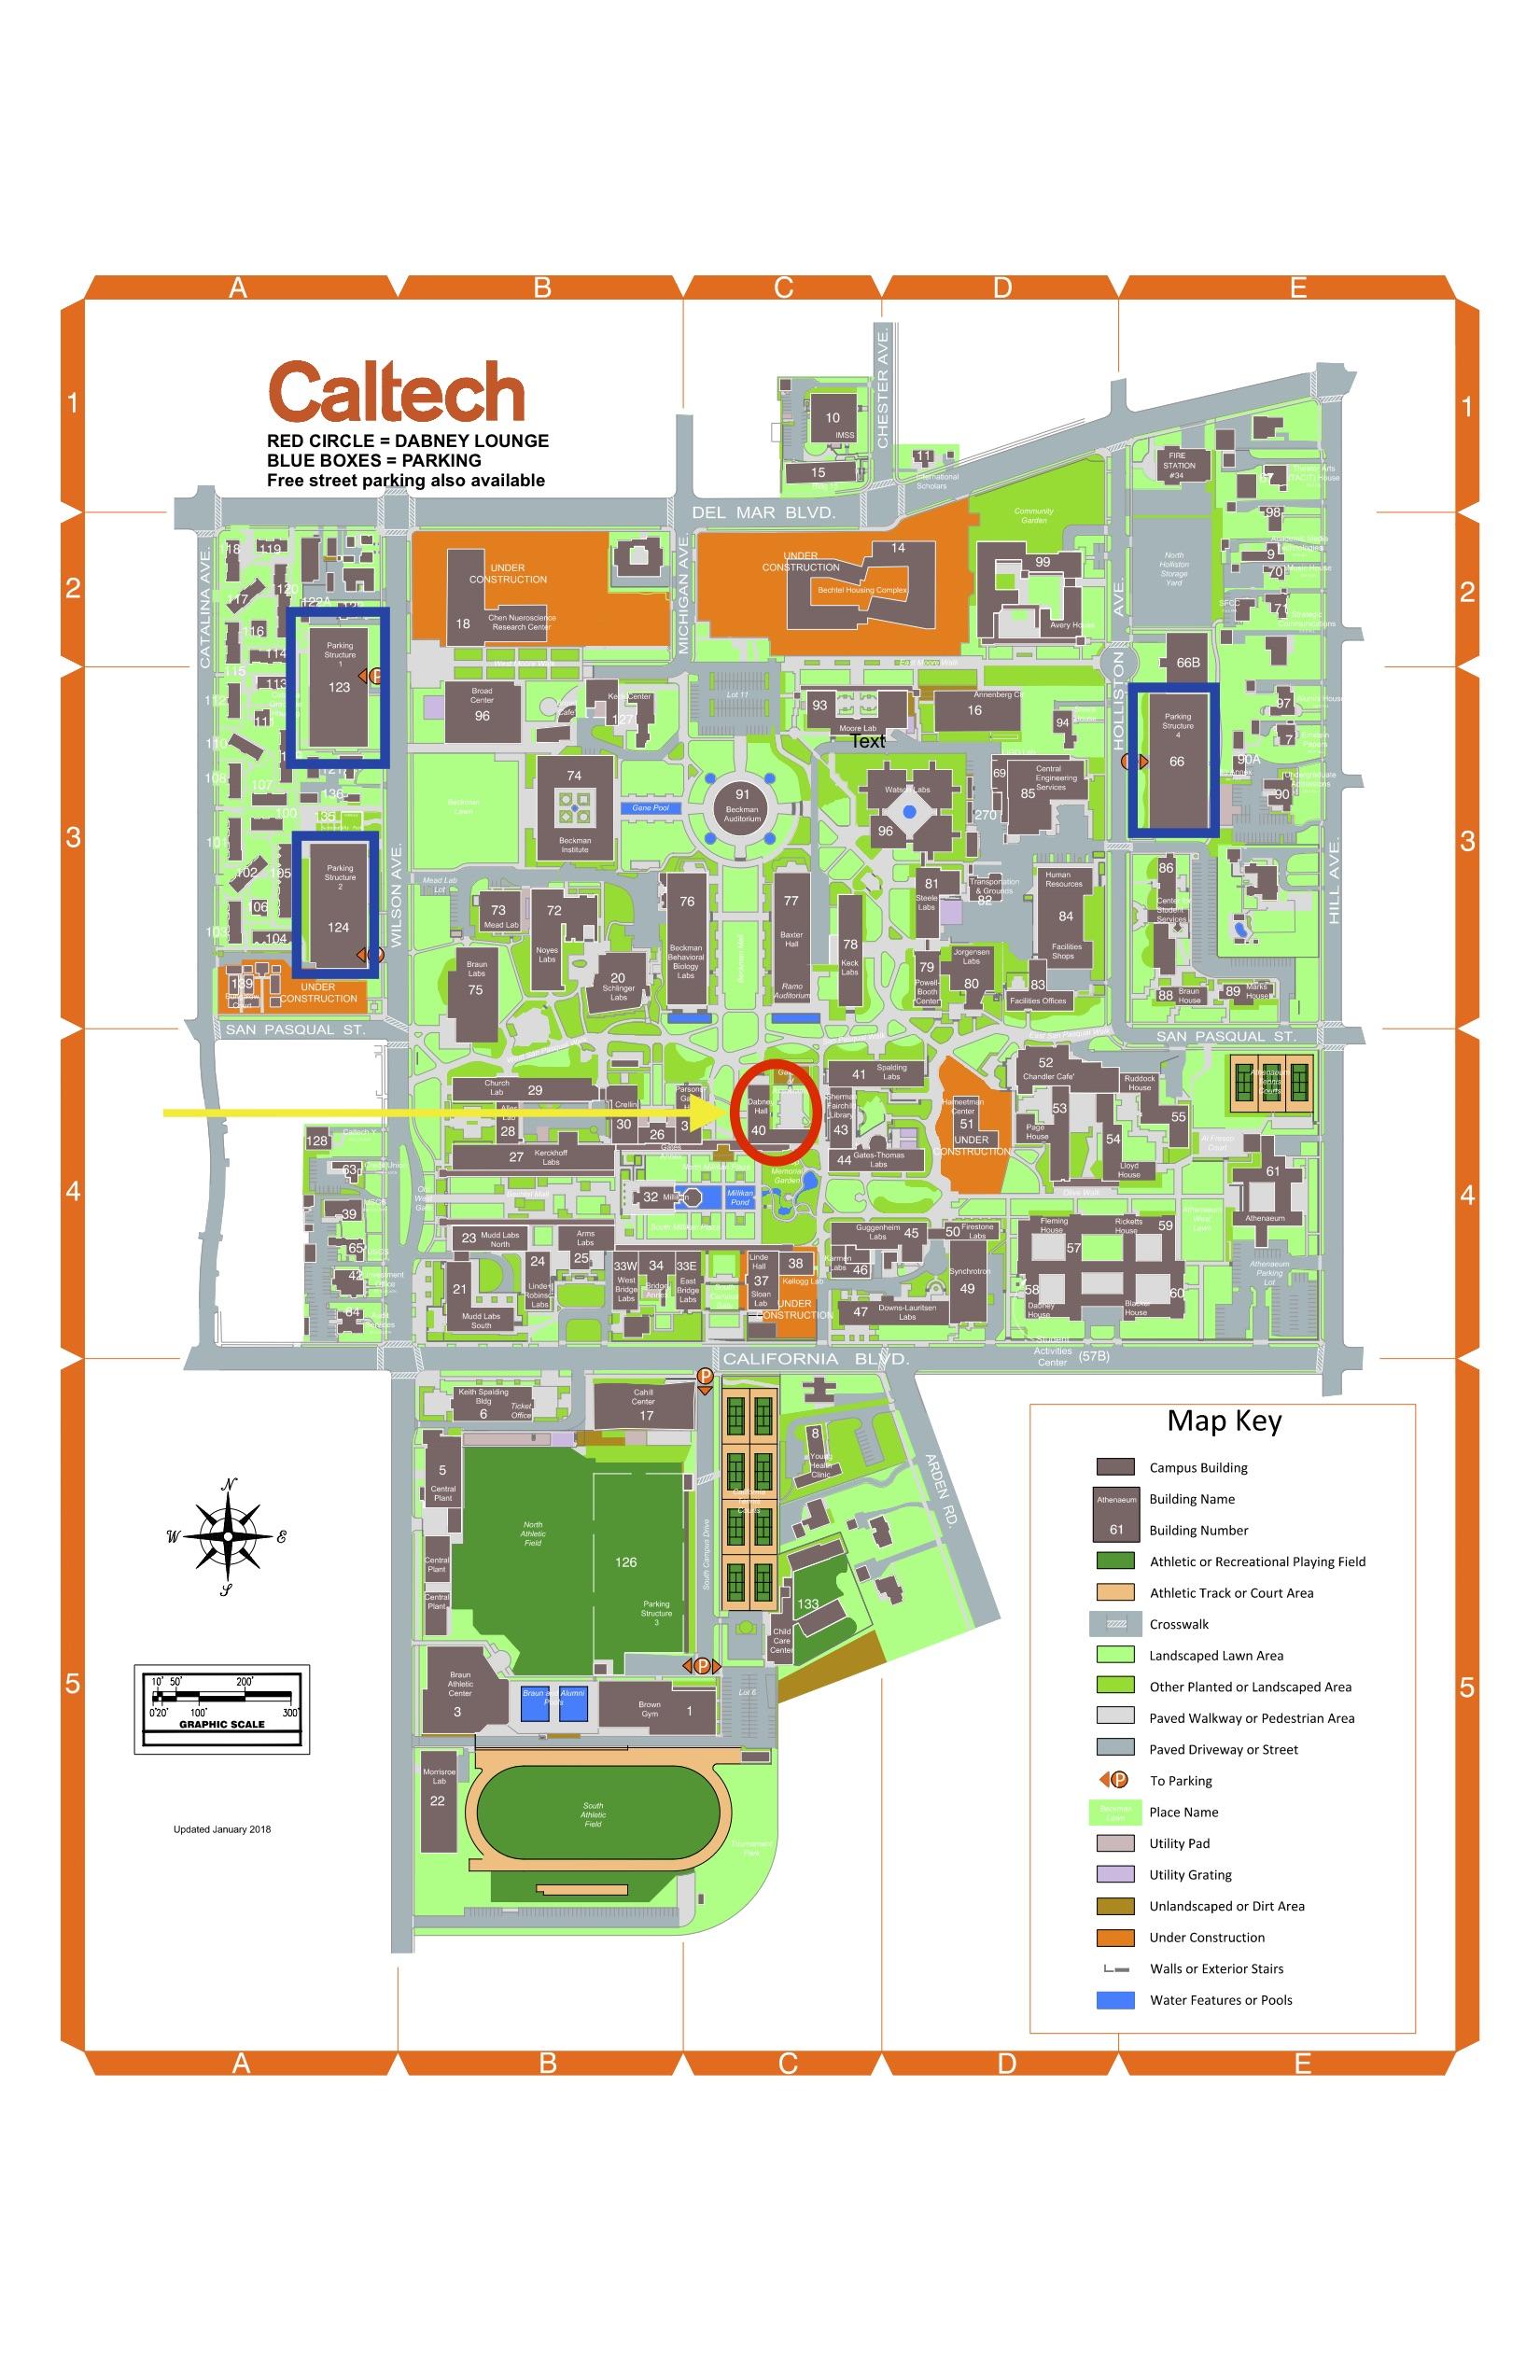 Caltech_parking_map.jpg